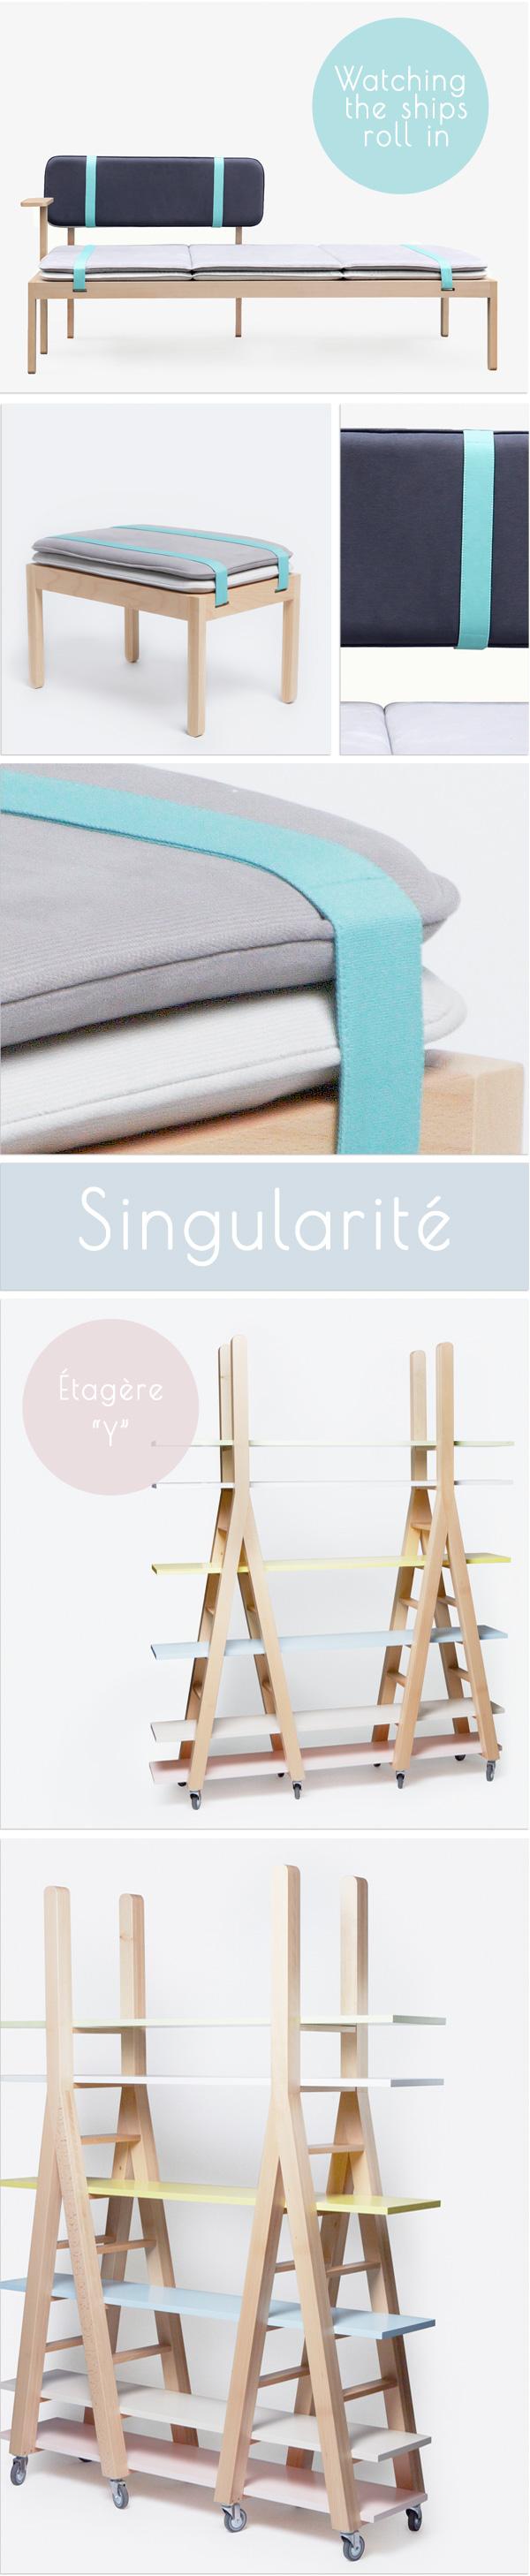 Singularite_designhausno9_2